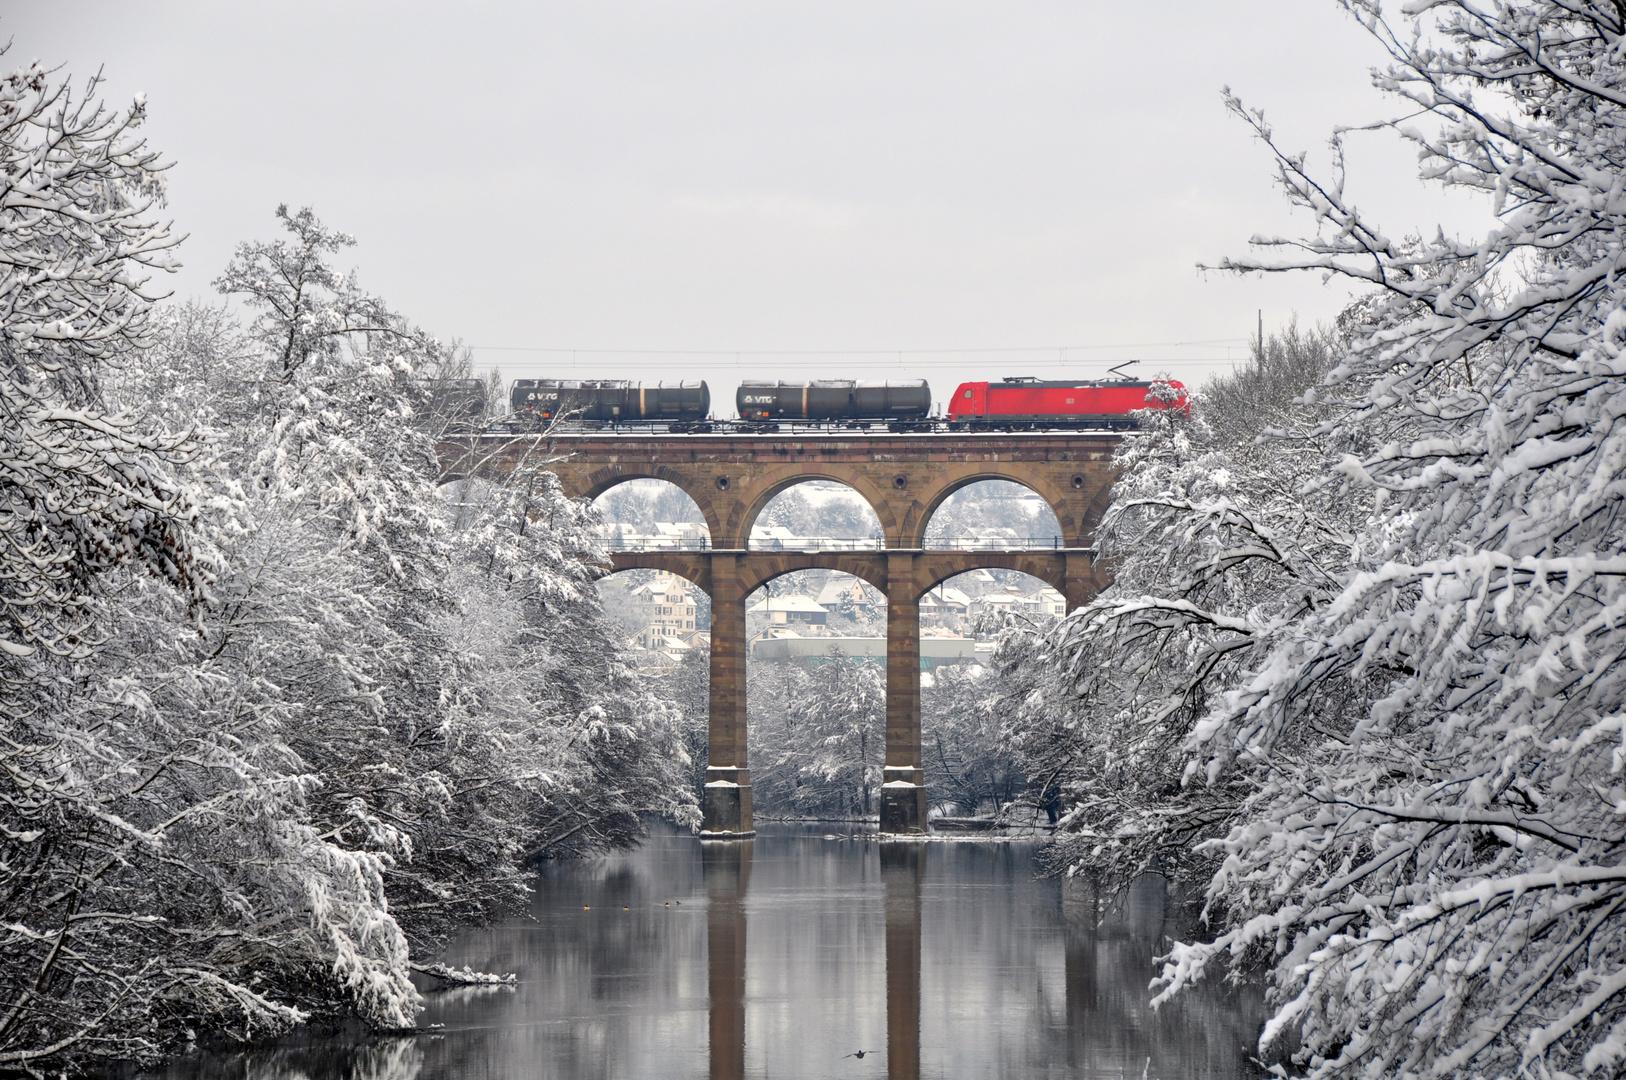 Viadukt/Bietigheim an der Enz